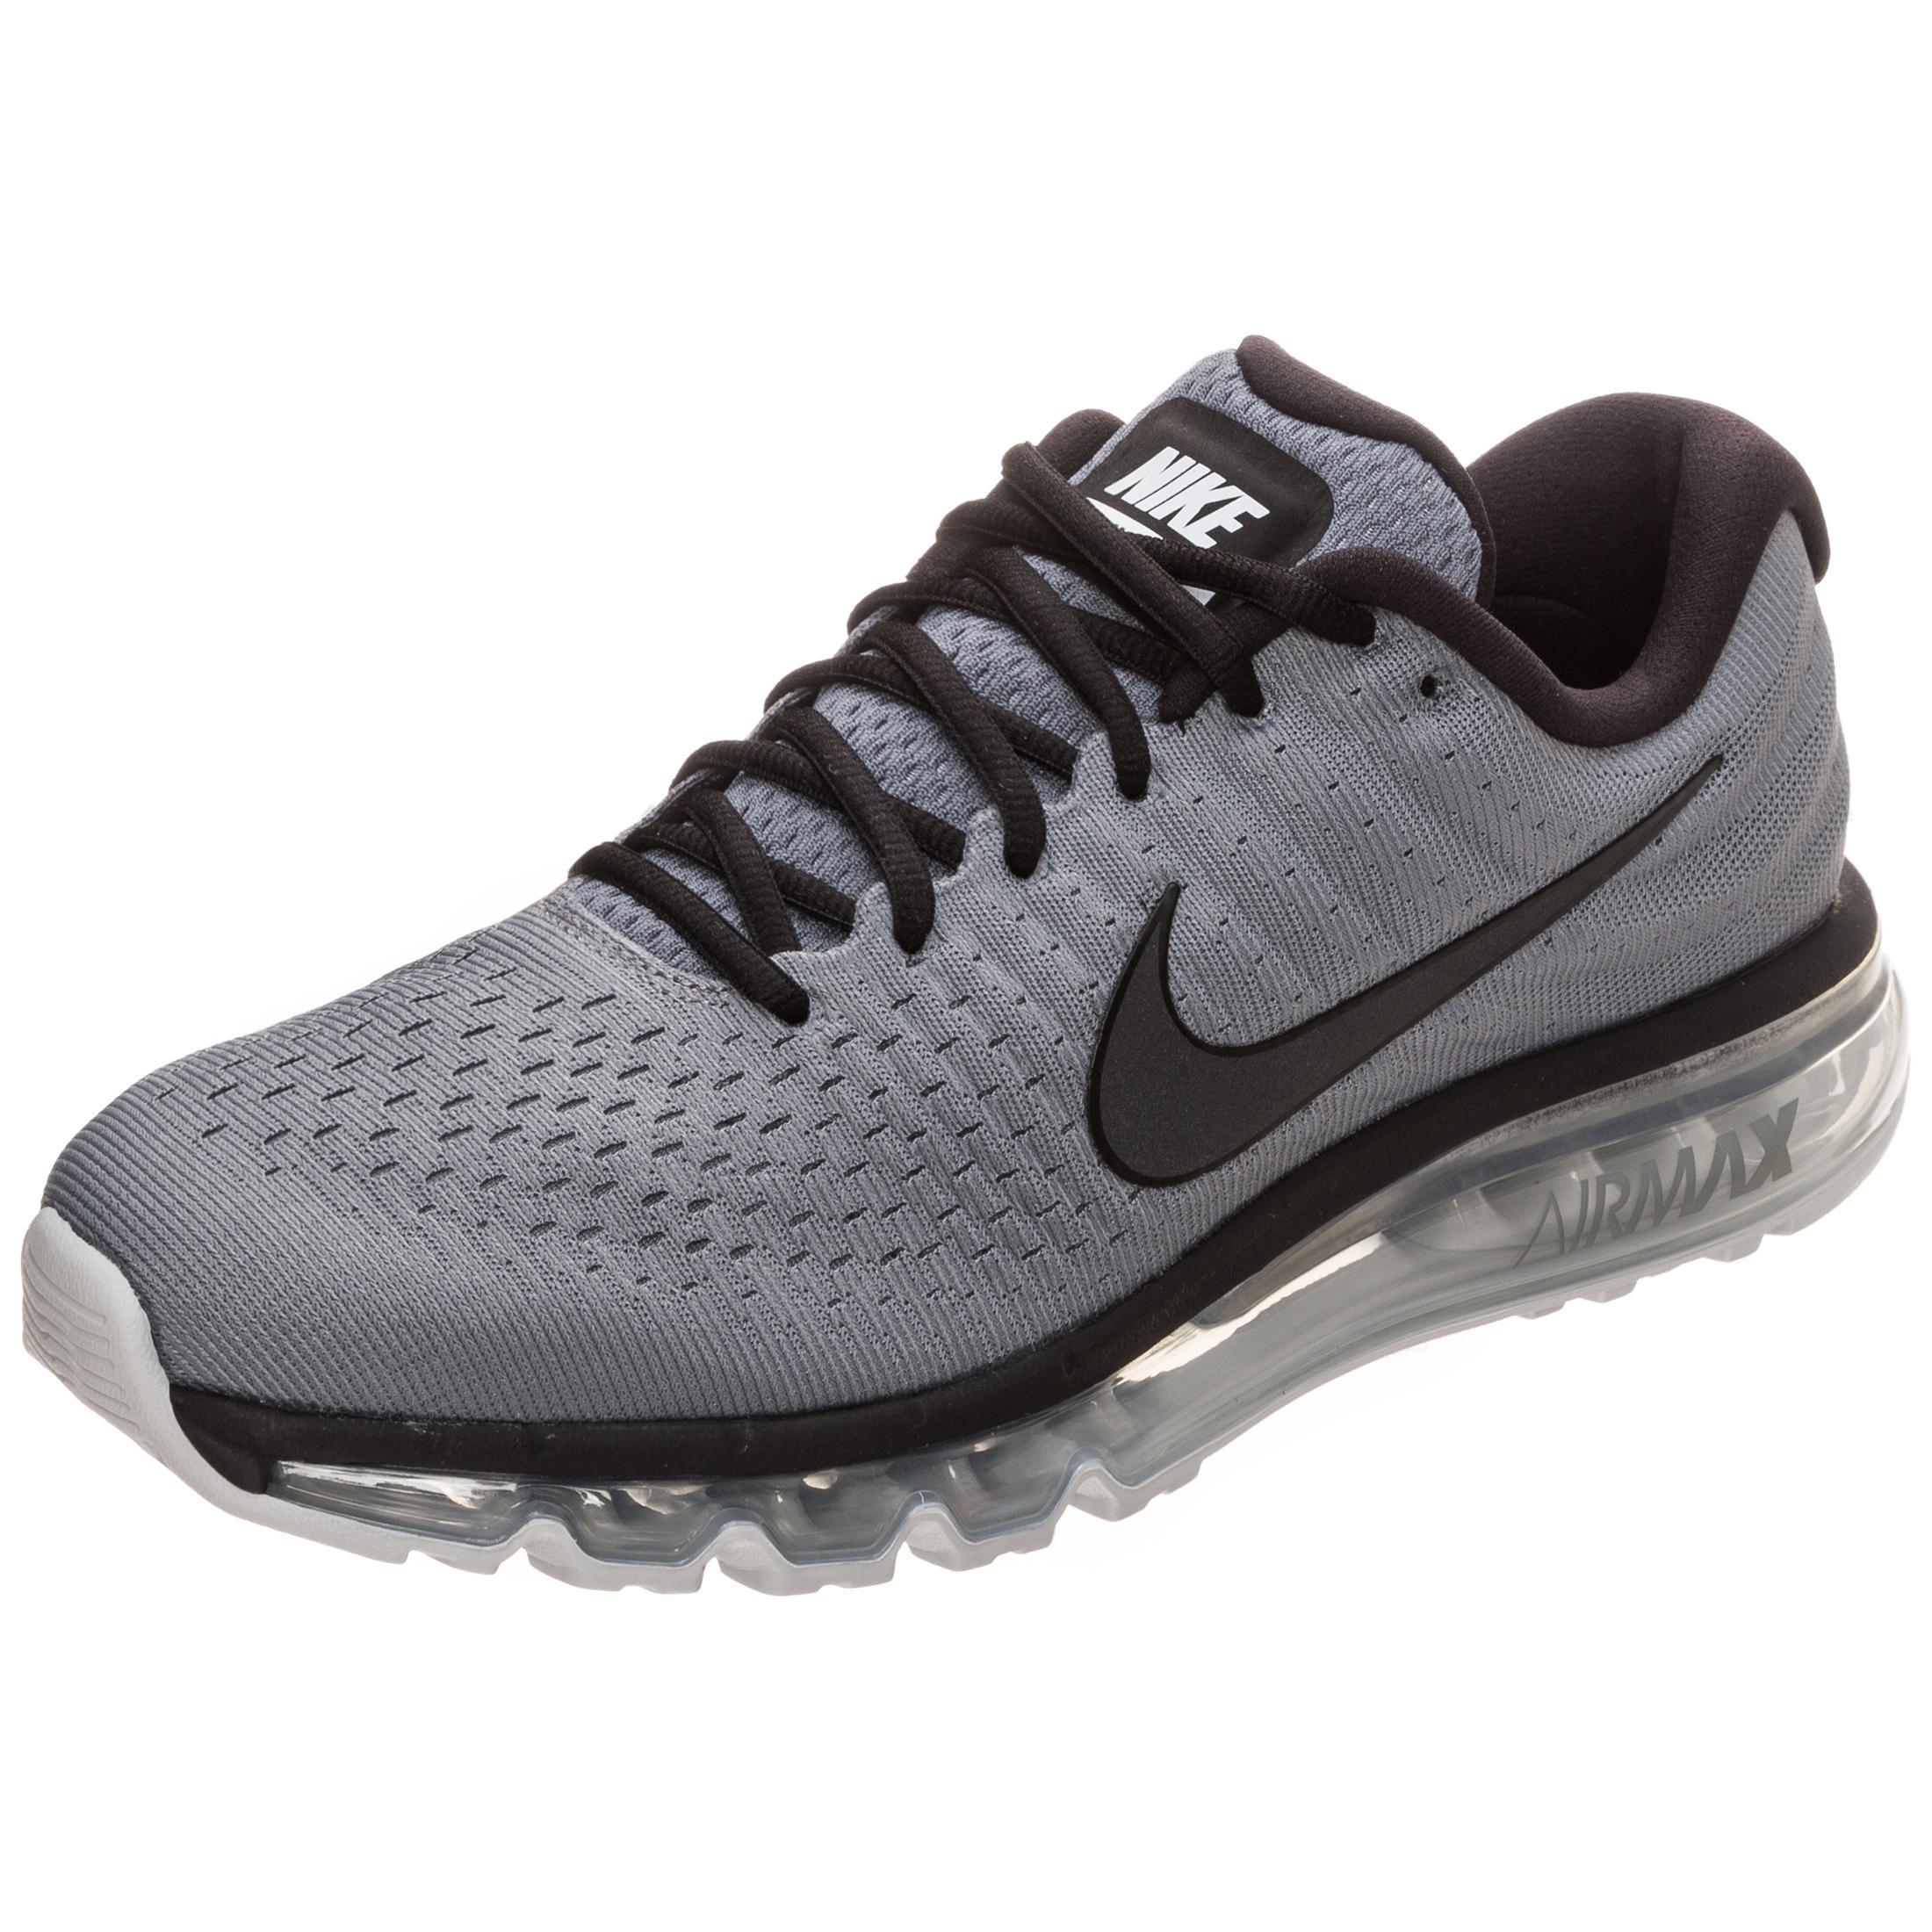 Nike Air Max 2017 Laufschuhe Herren grau schwarz im Online Shop von SportScheck kaufen